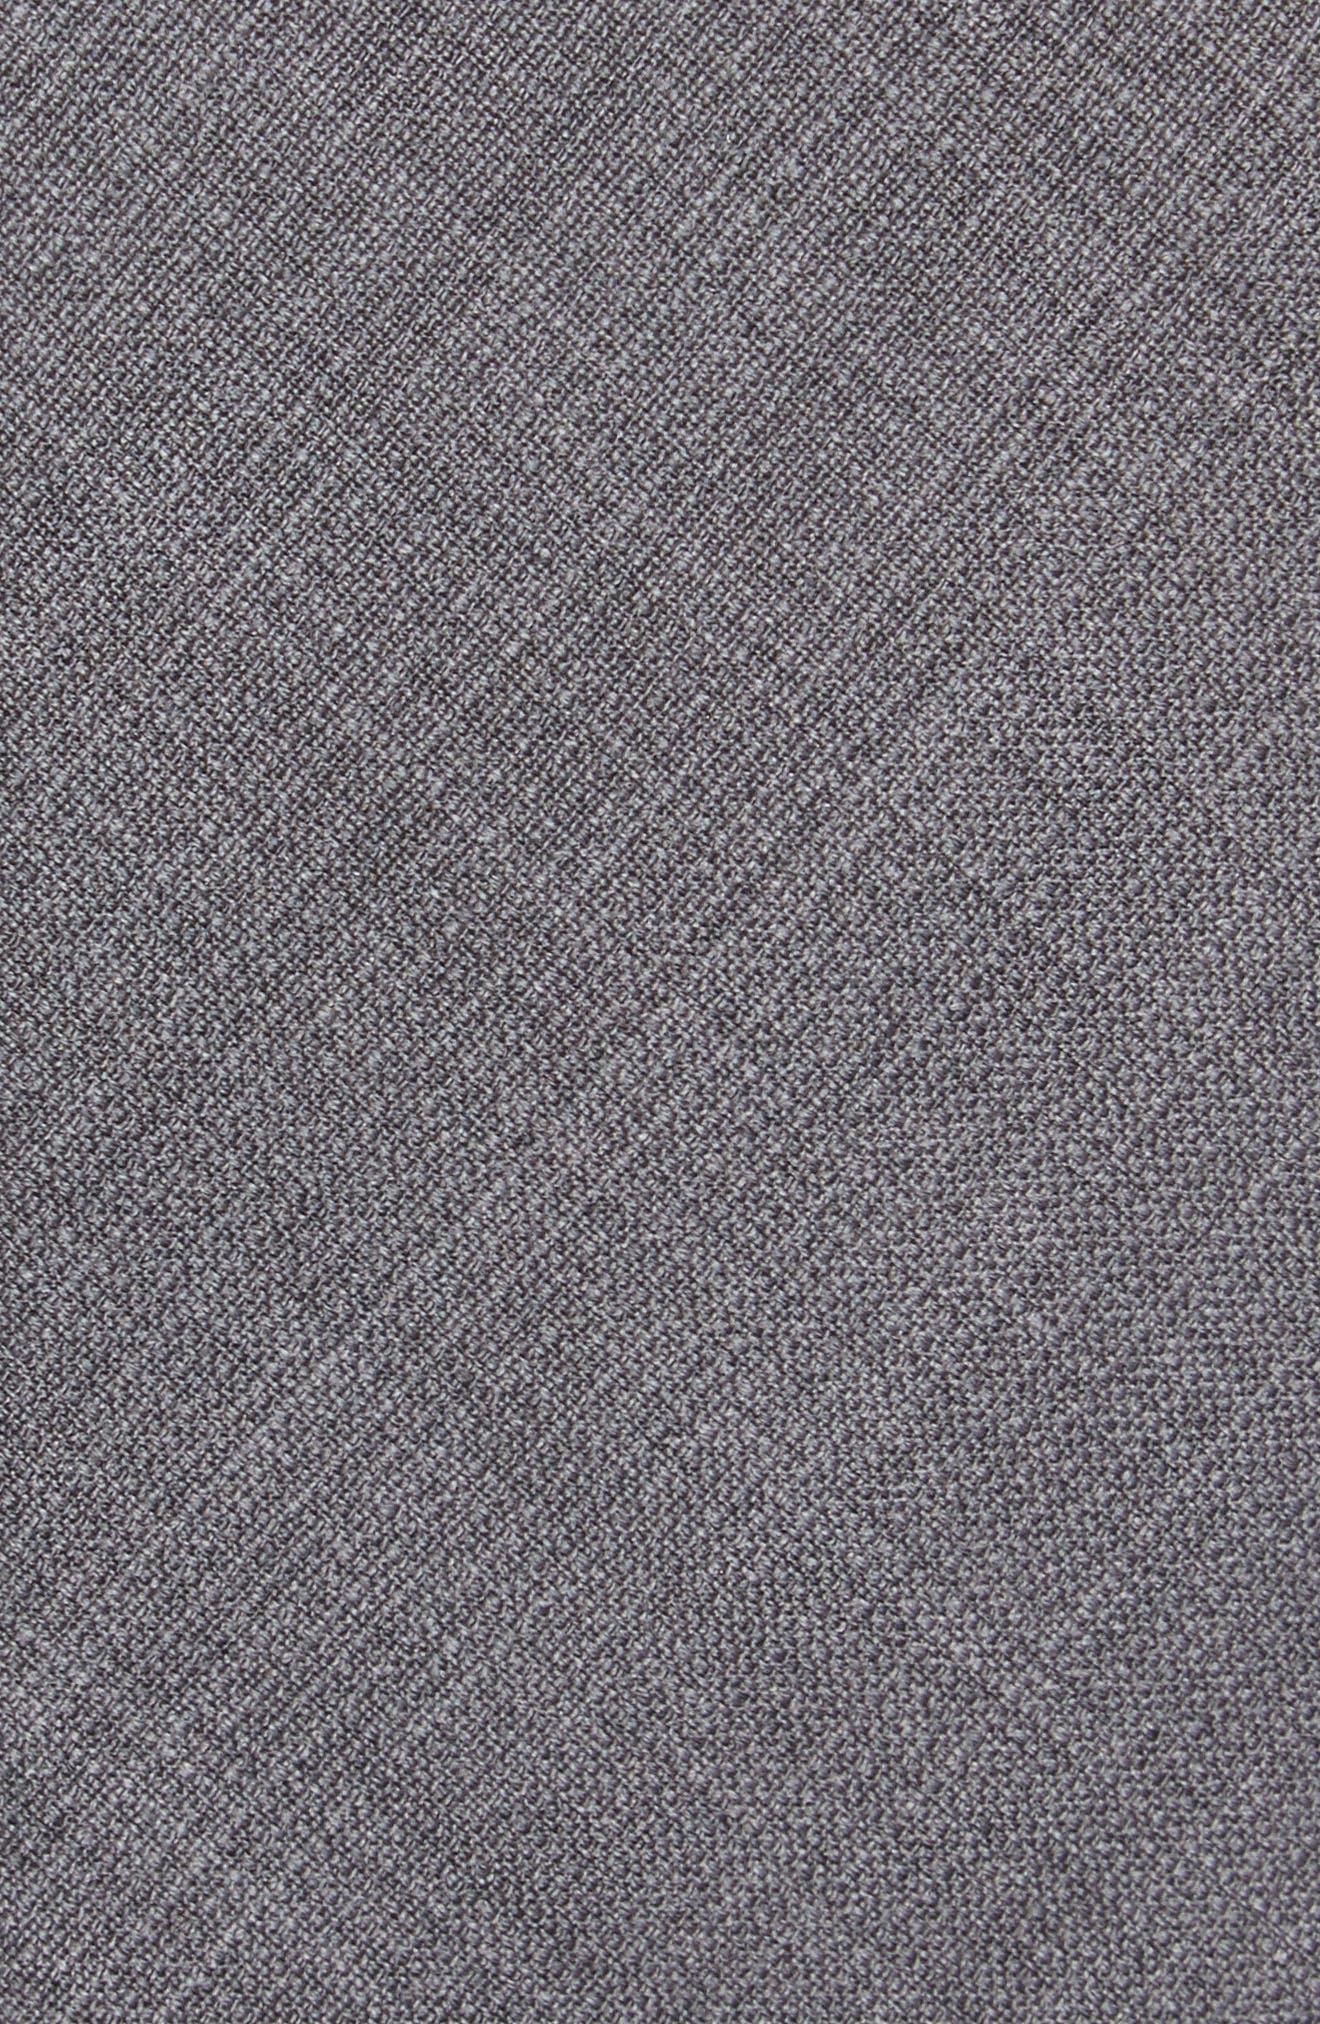 Solid Wool Skinny Tie,                             Alternate thumbnail 2, color,